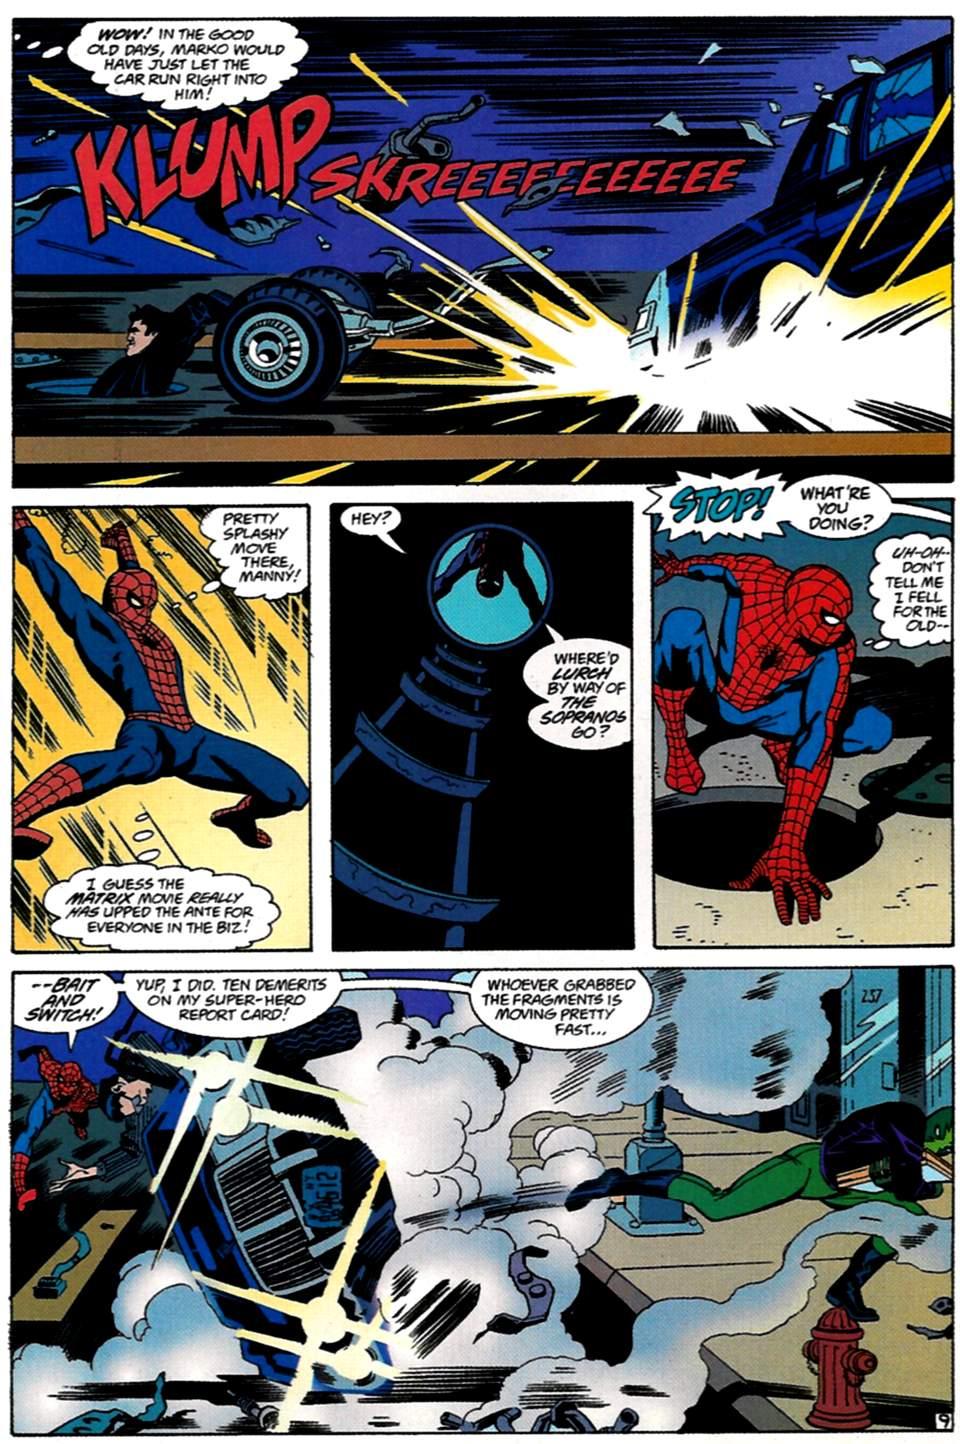 Read online Spider-Man: Lifeline comic -  Issue #1 - 10